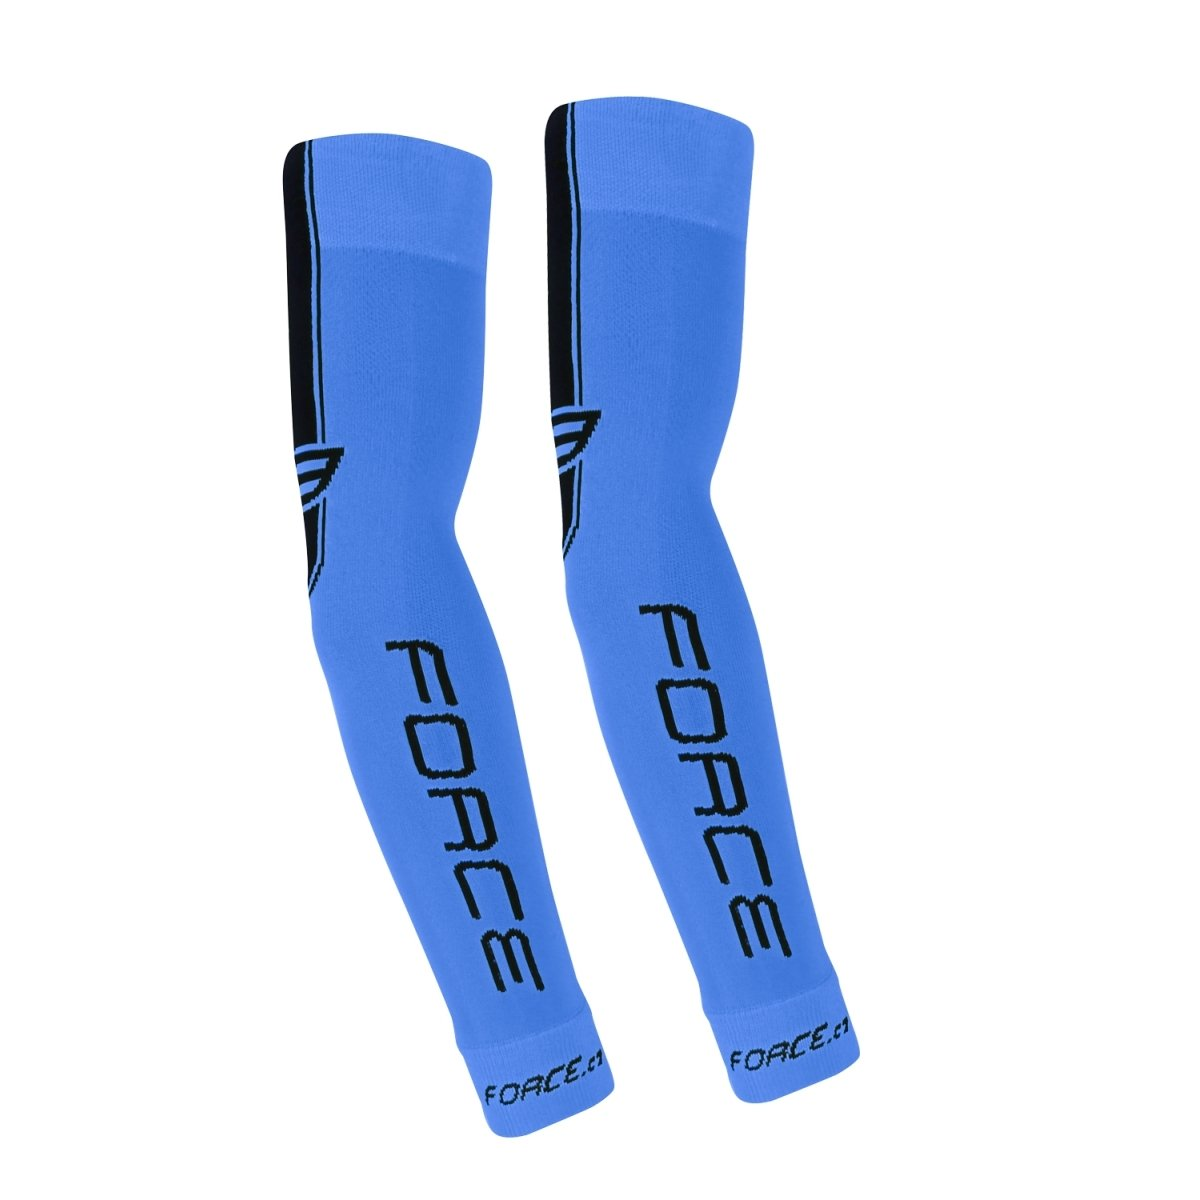 Force løse armvarmere blå | Arm- og benvarmere